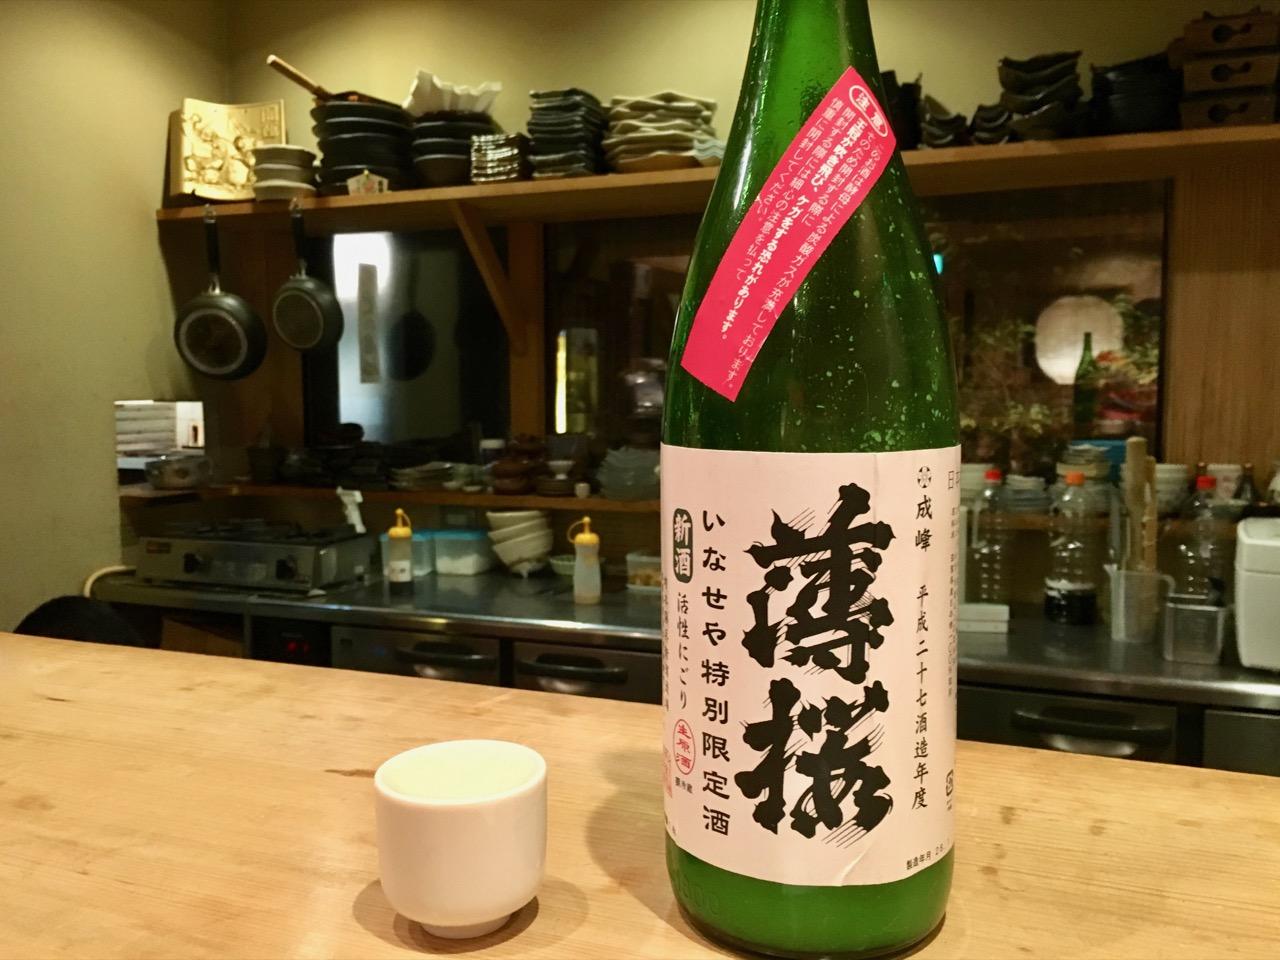 薄桜 成峰 活性にごり 生原酒|日本酒テイスティングノート